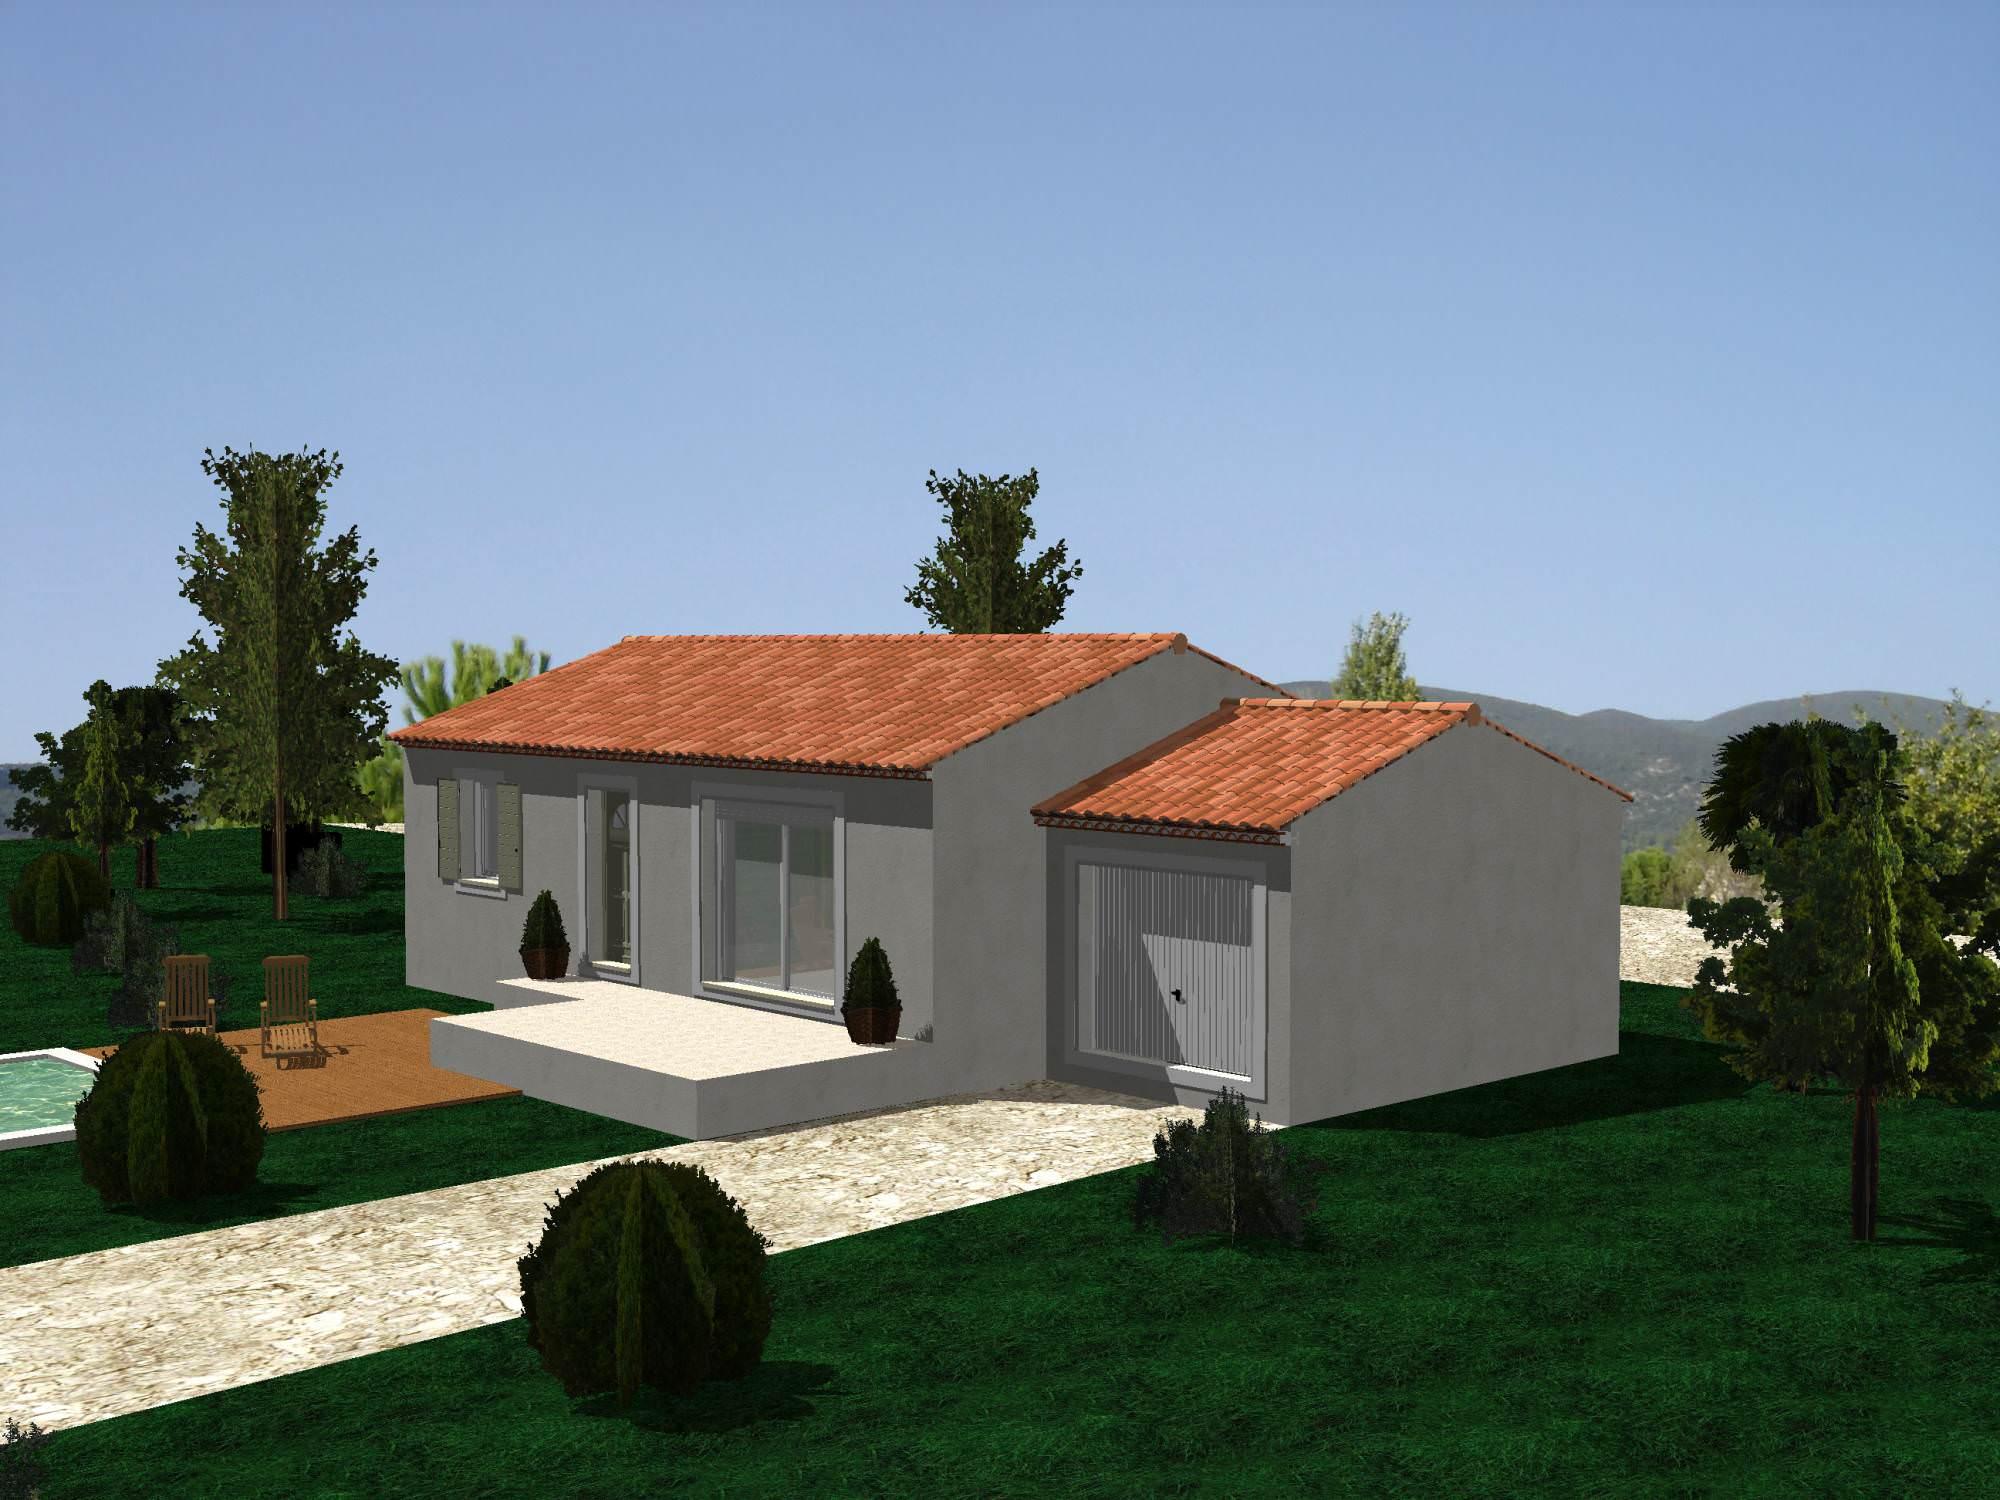 maison 70m2 plein pied top maison. Black Bedroom Furniture Sets. Home Design Ideas